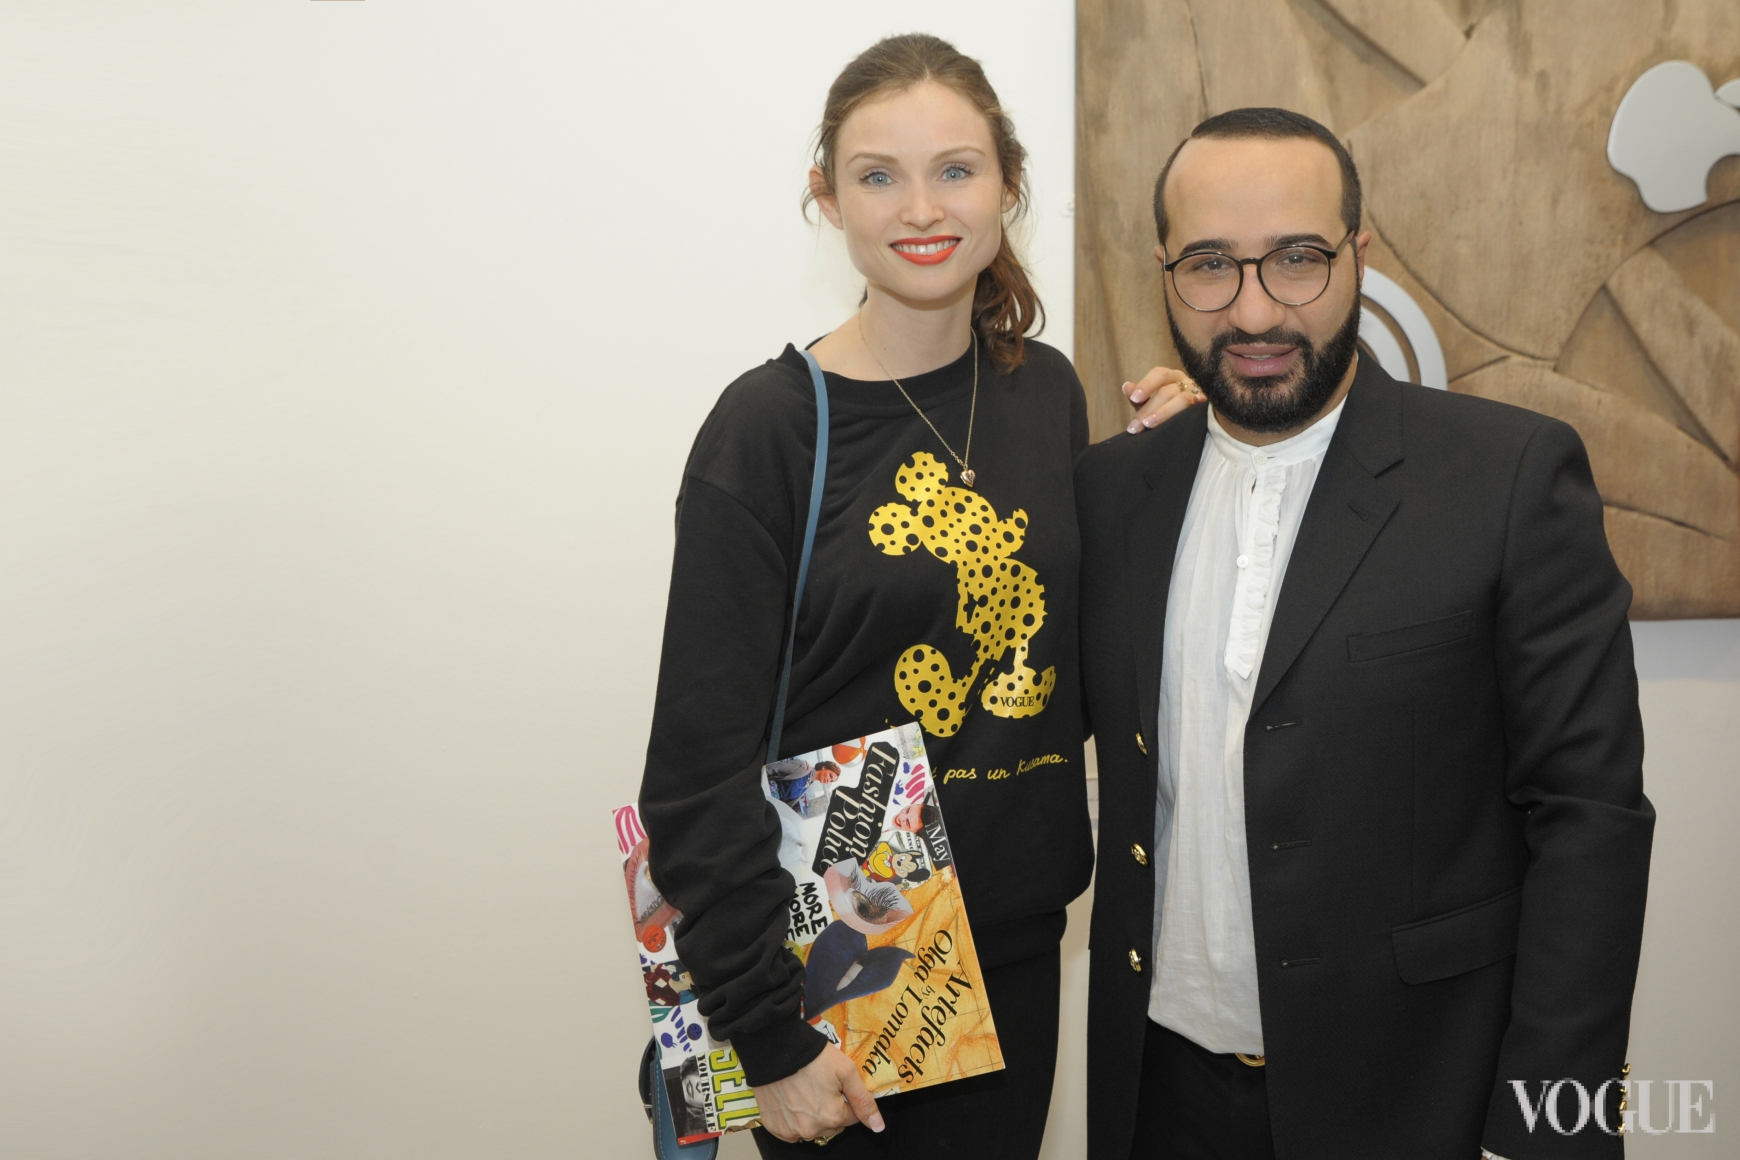 Софи Эллис-Бекстор и Дмитрий Чограши